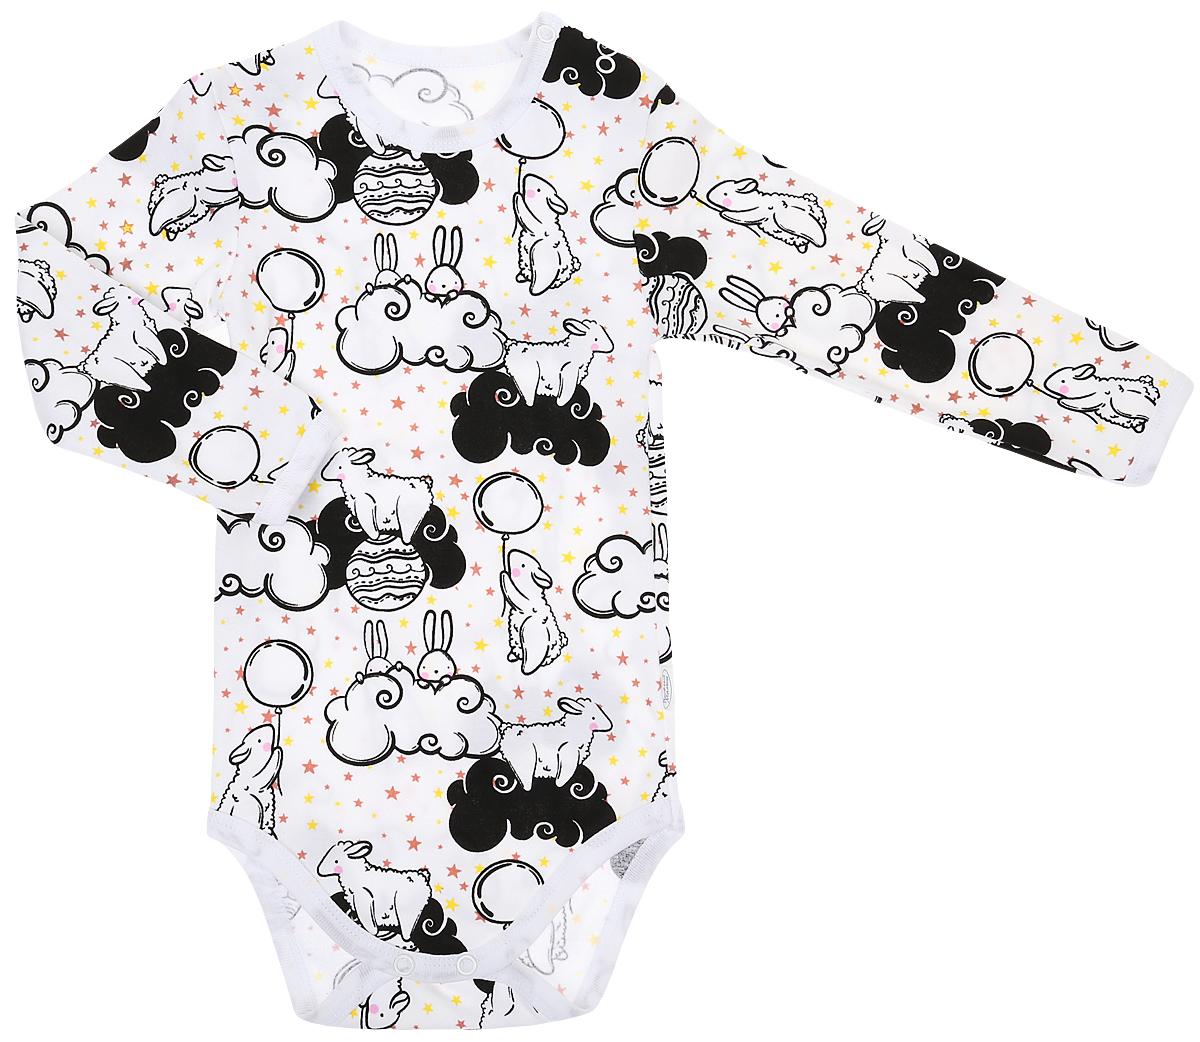 Комбинезон домашний детский Веселый малыш One, цвет: черный, белый. 46152/One-F (1)_зайцы в облаках. Размер 86